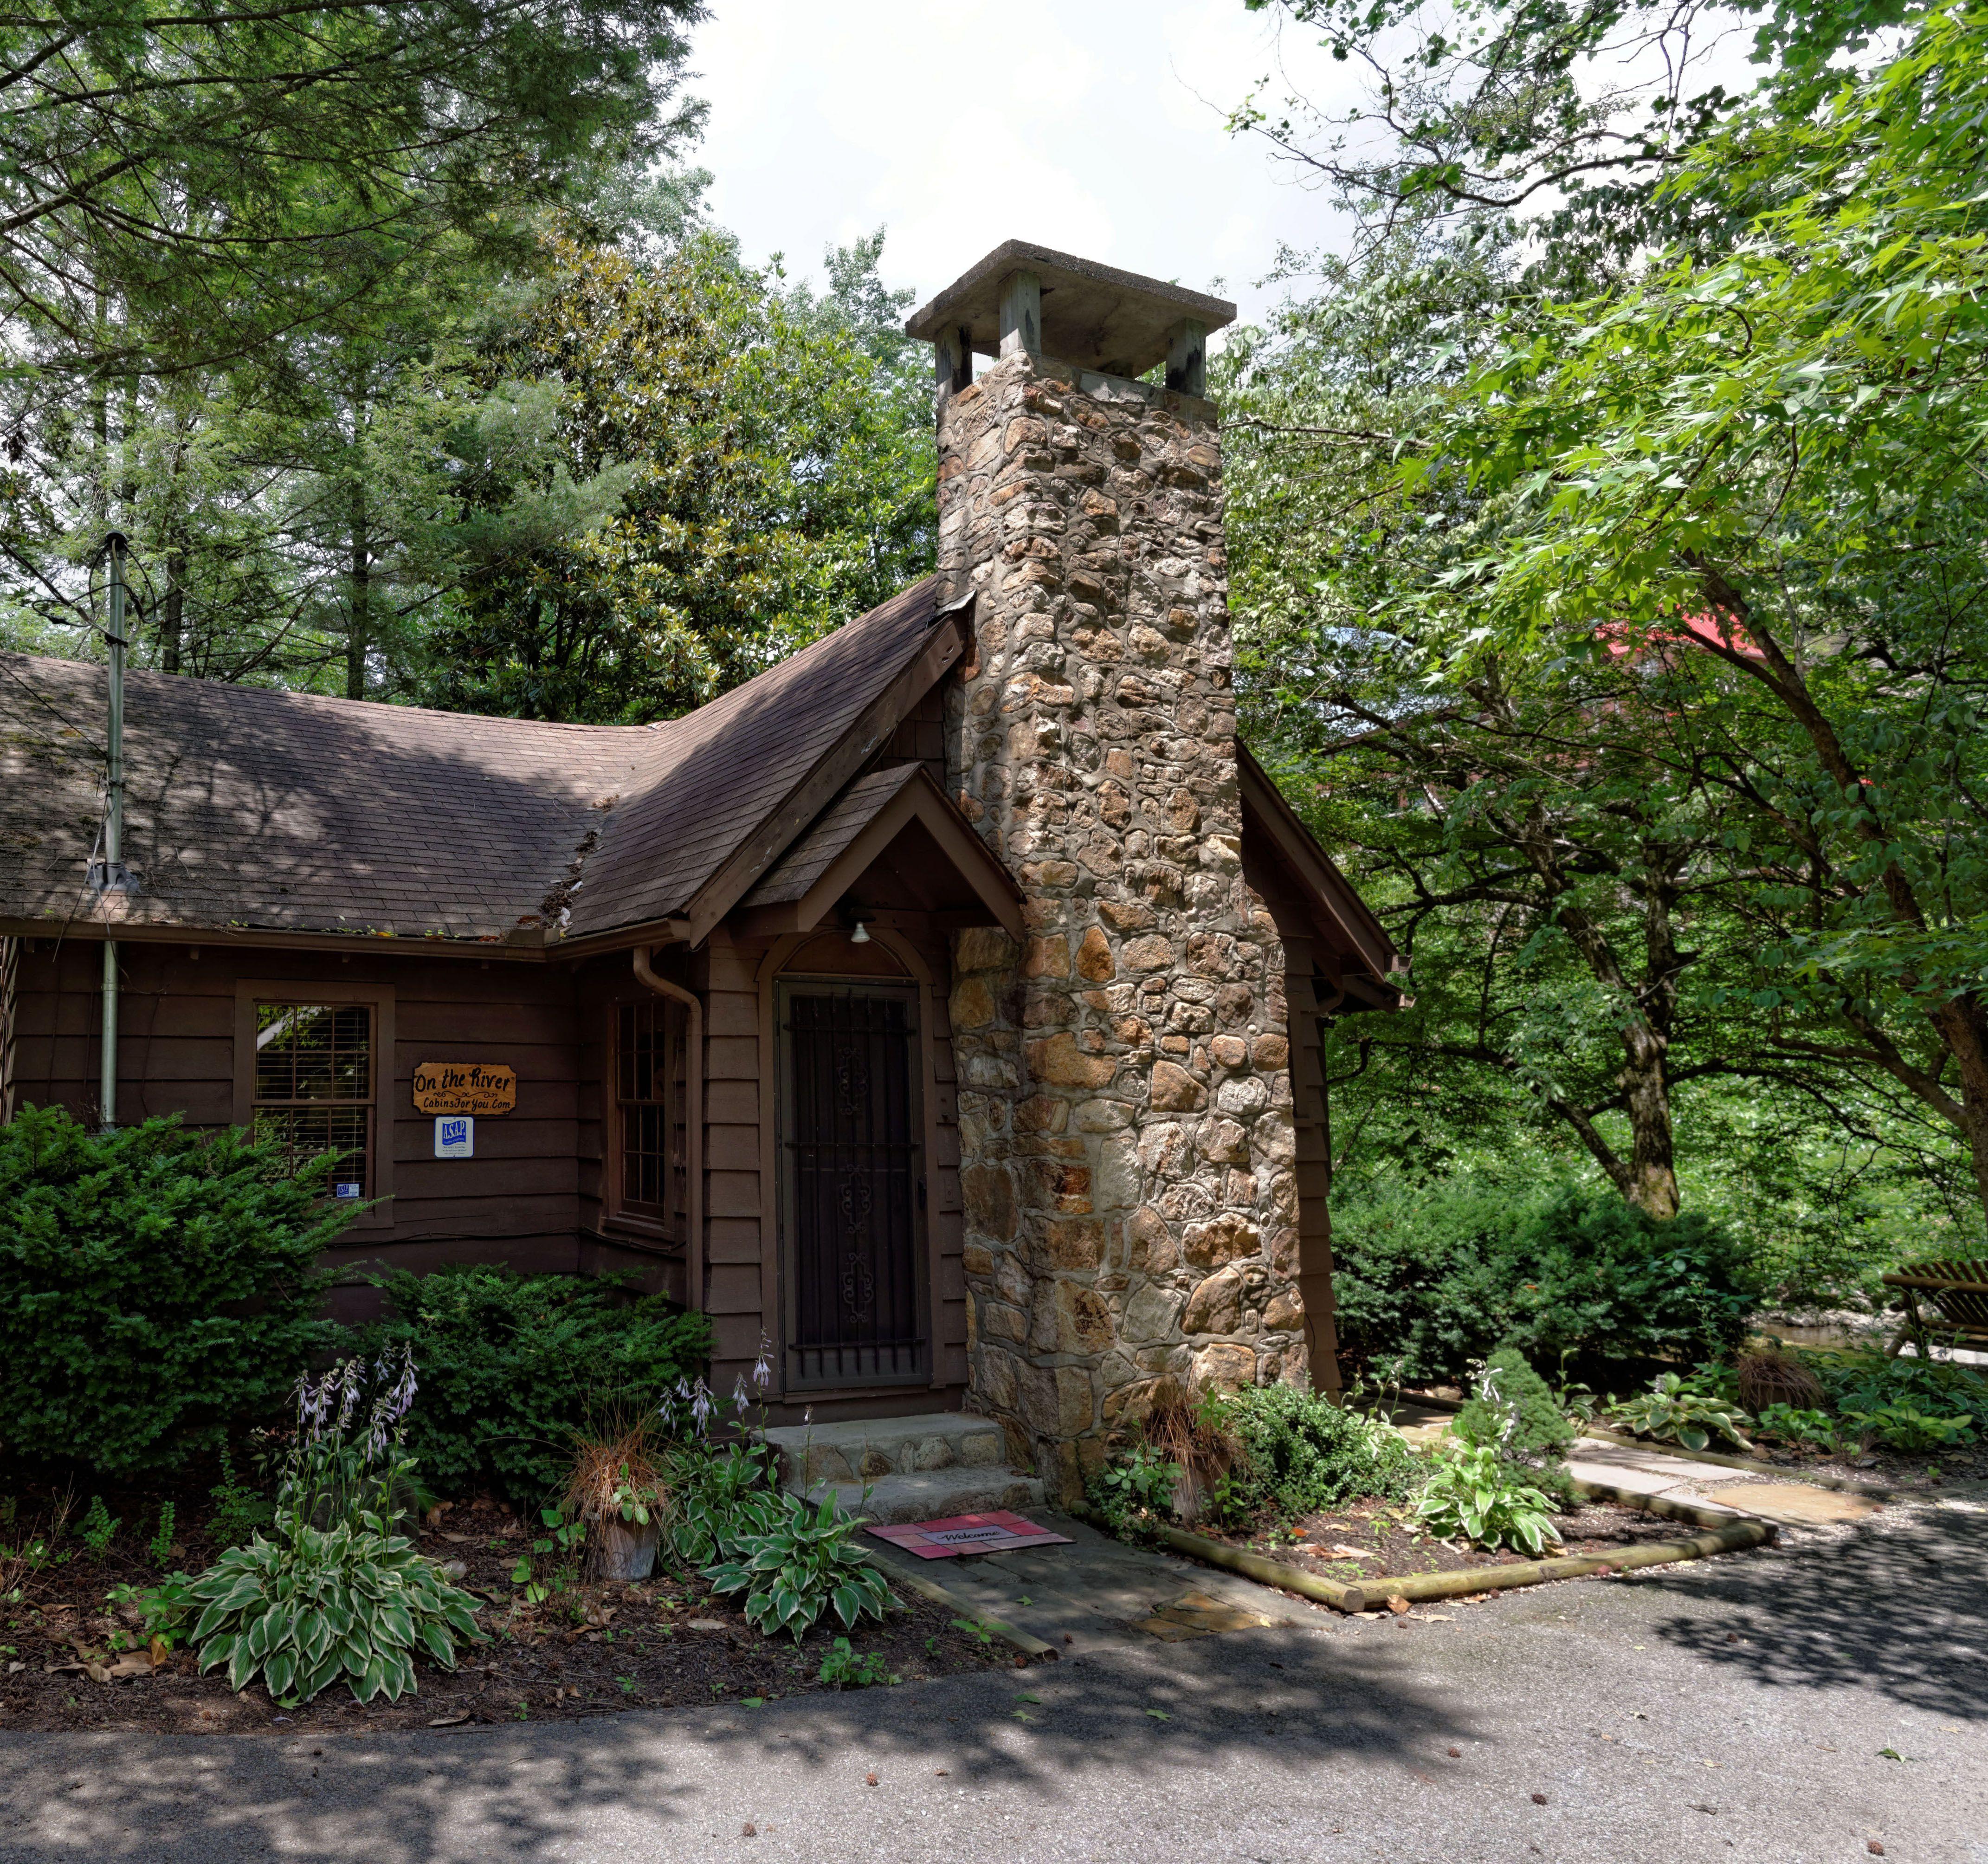 rental summit by vista large online gatlinburg cabin rentals lodge cabins